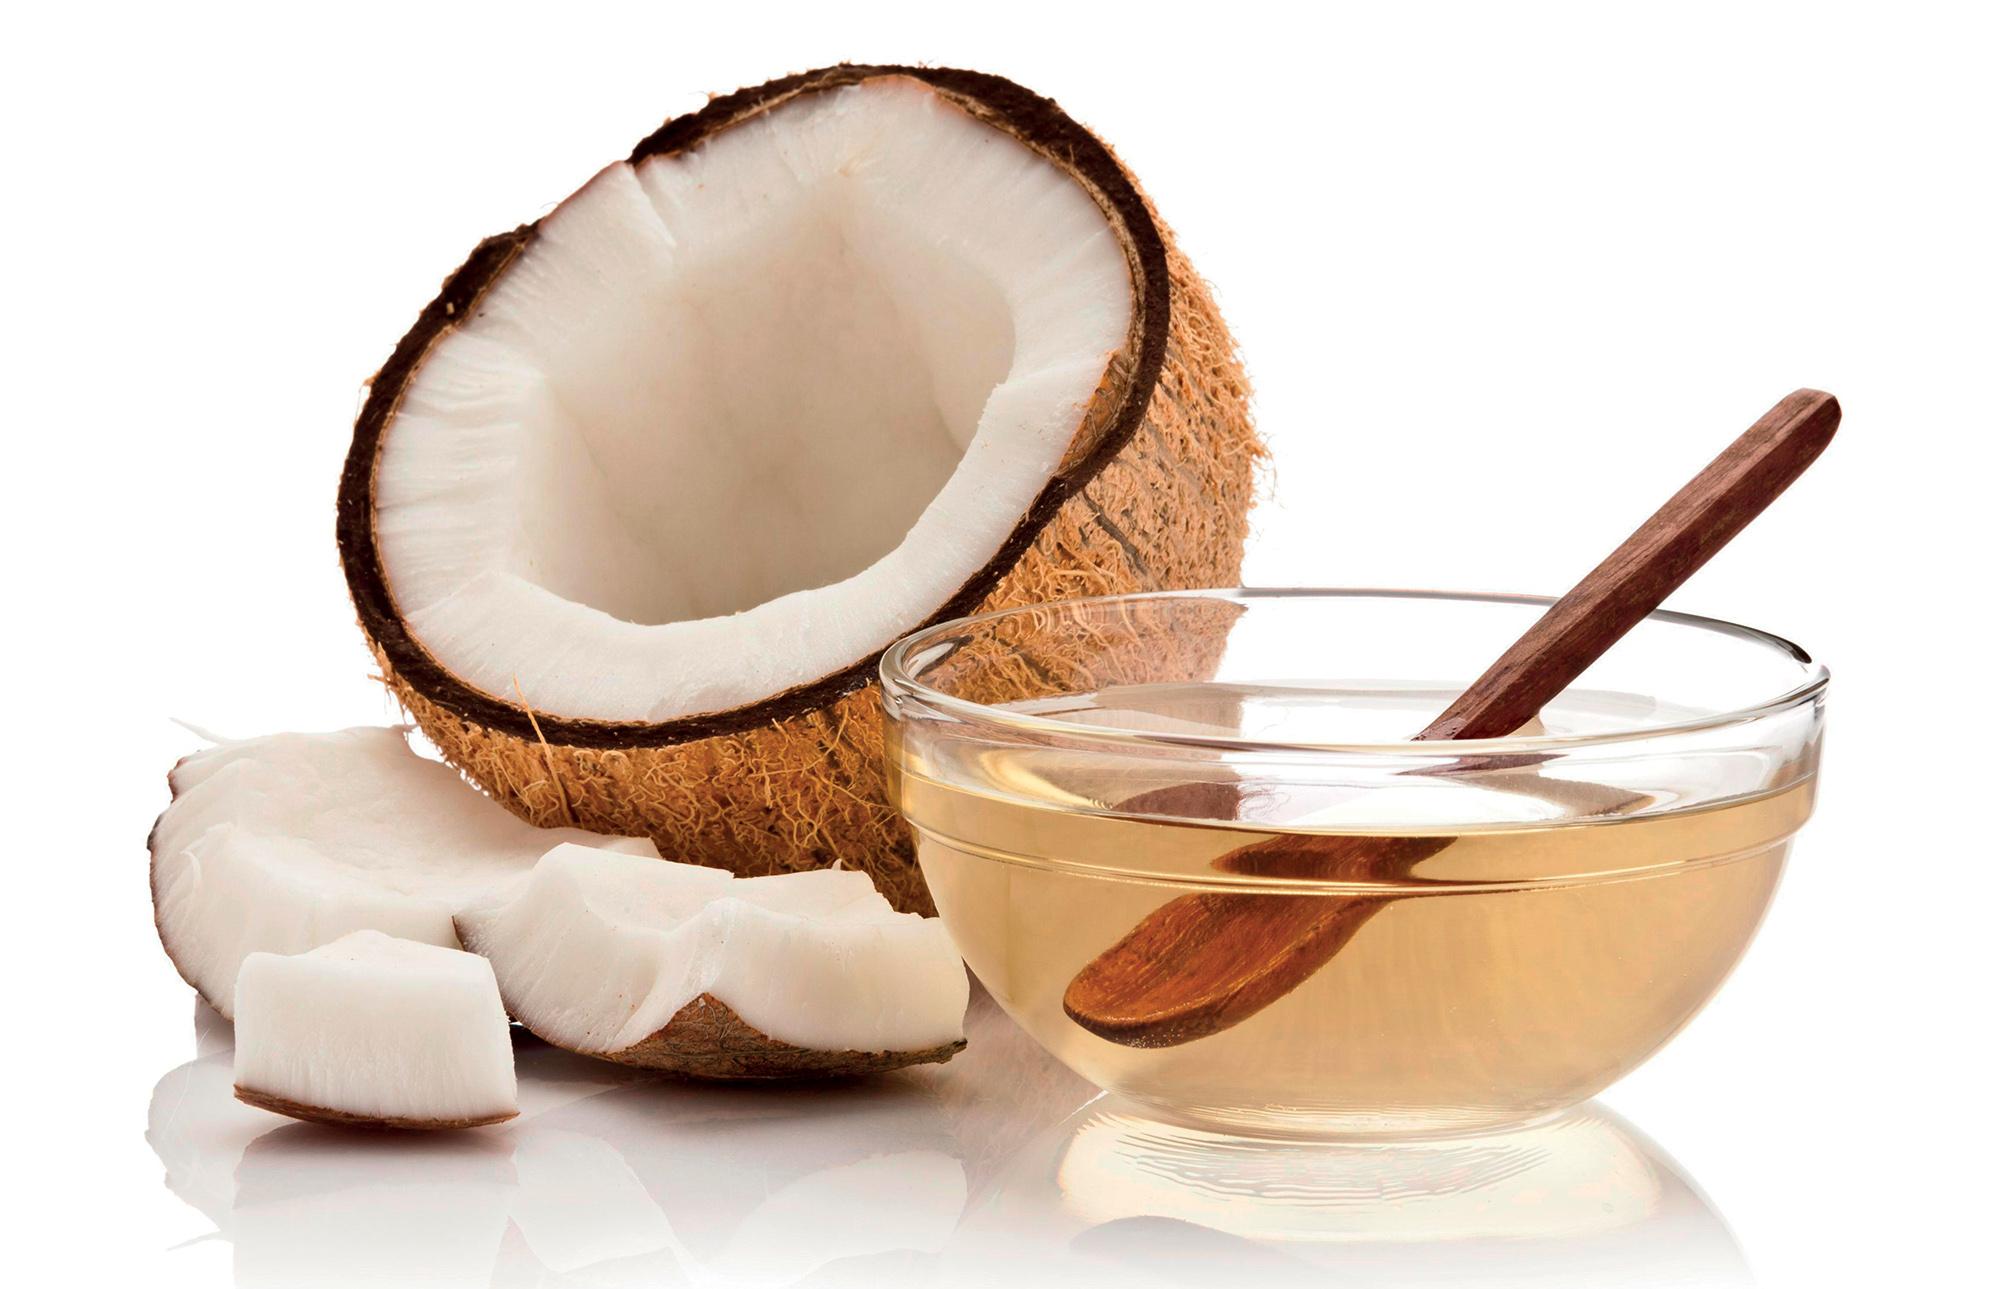 công thức làm đẹp súc miệng với dầu dừa